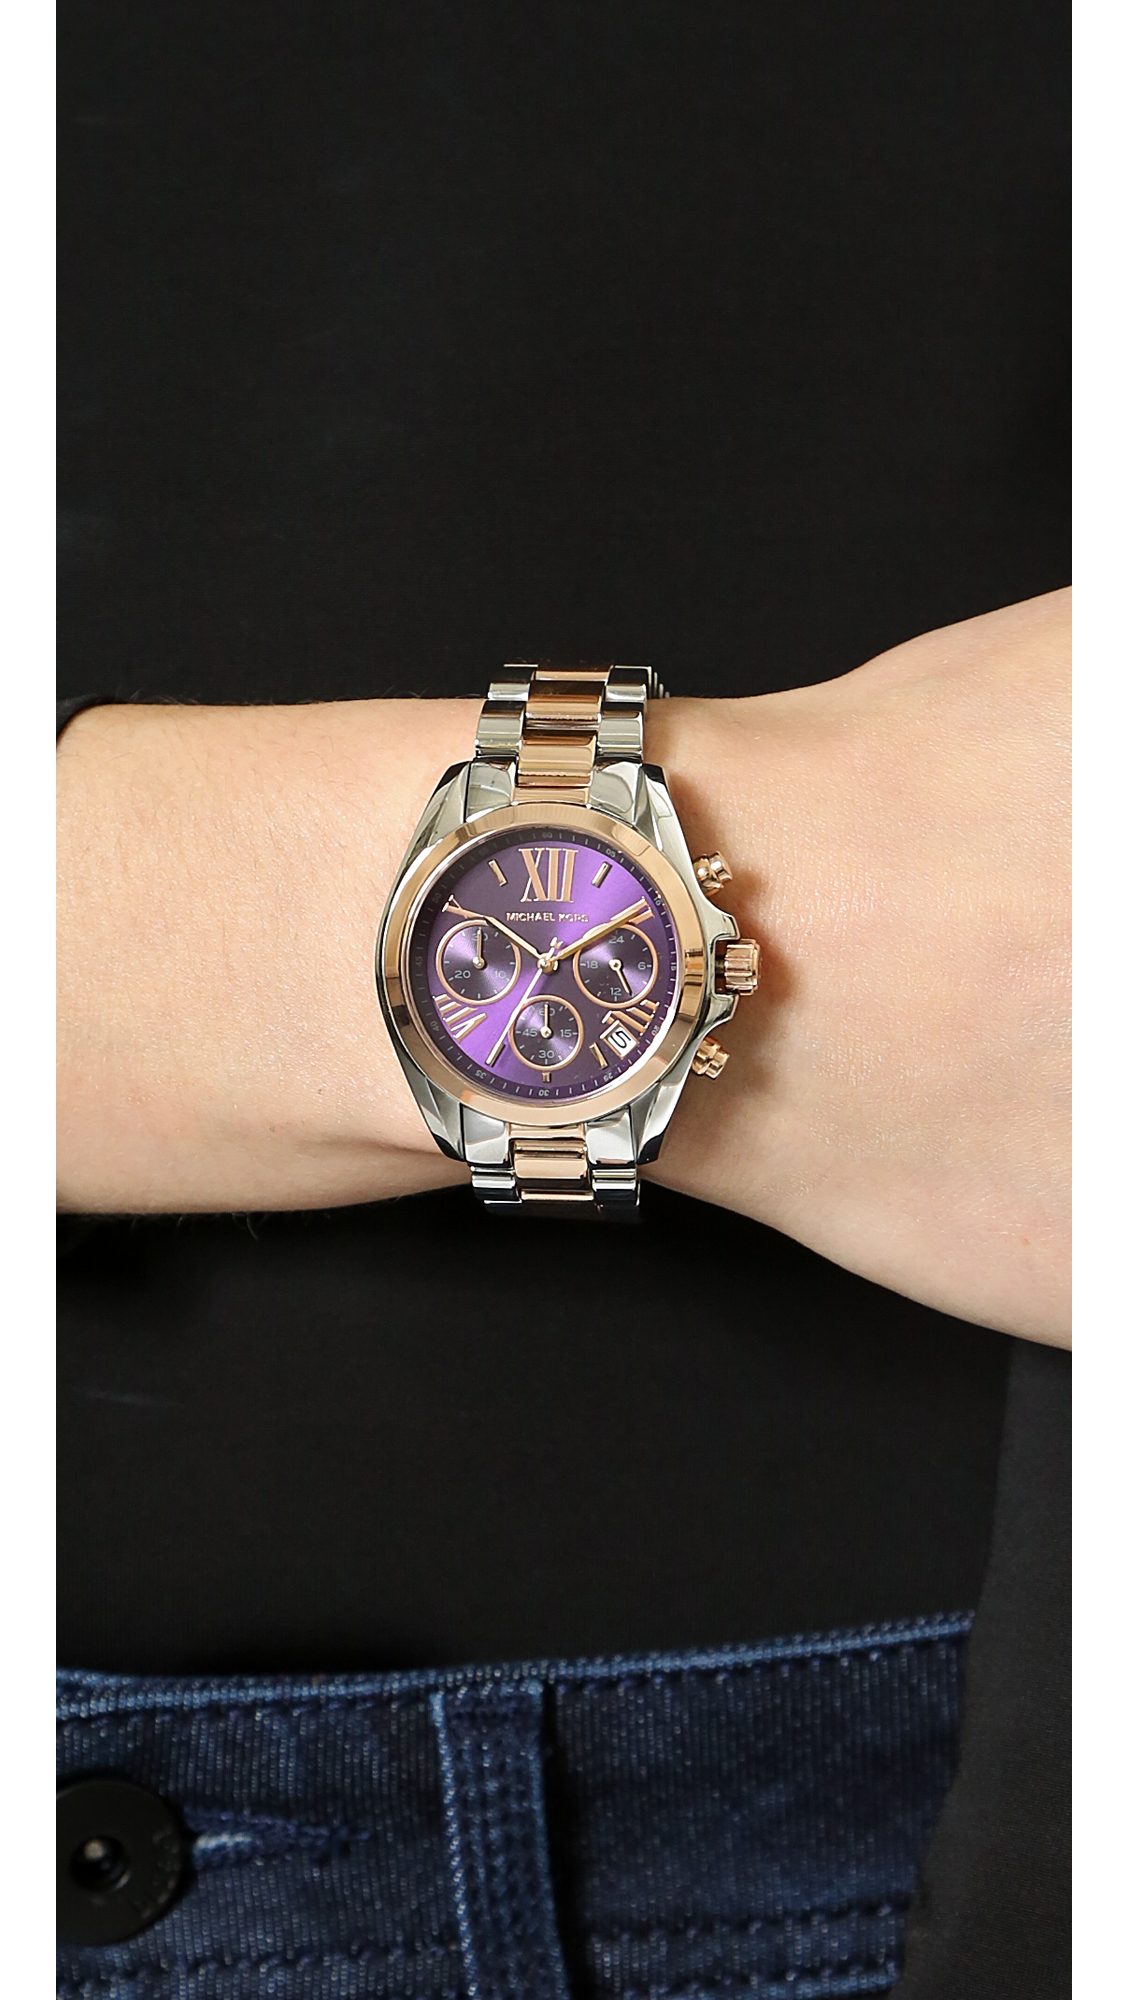 d8b527669ba1 Lyst - Michael Kors Mini Bradshaw Watch - Silverroseamethyst in Metallic